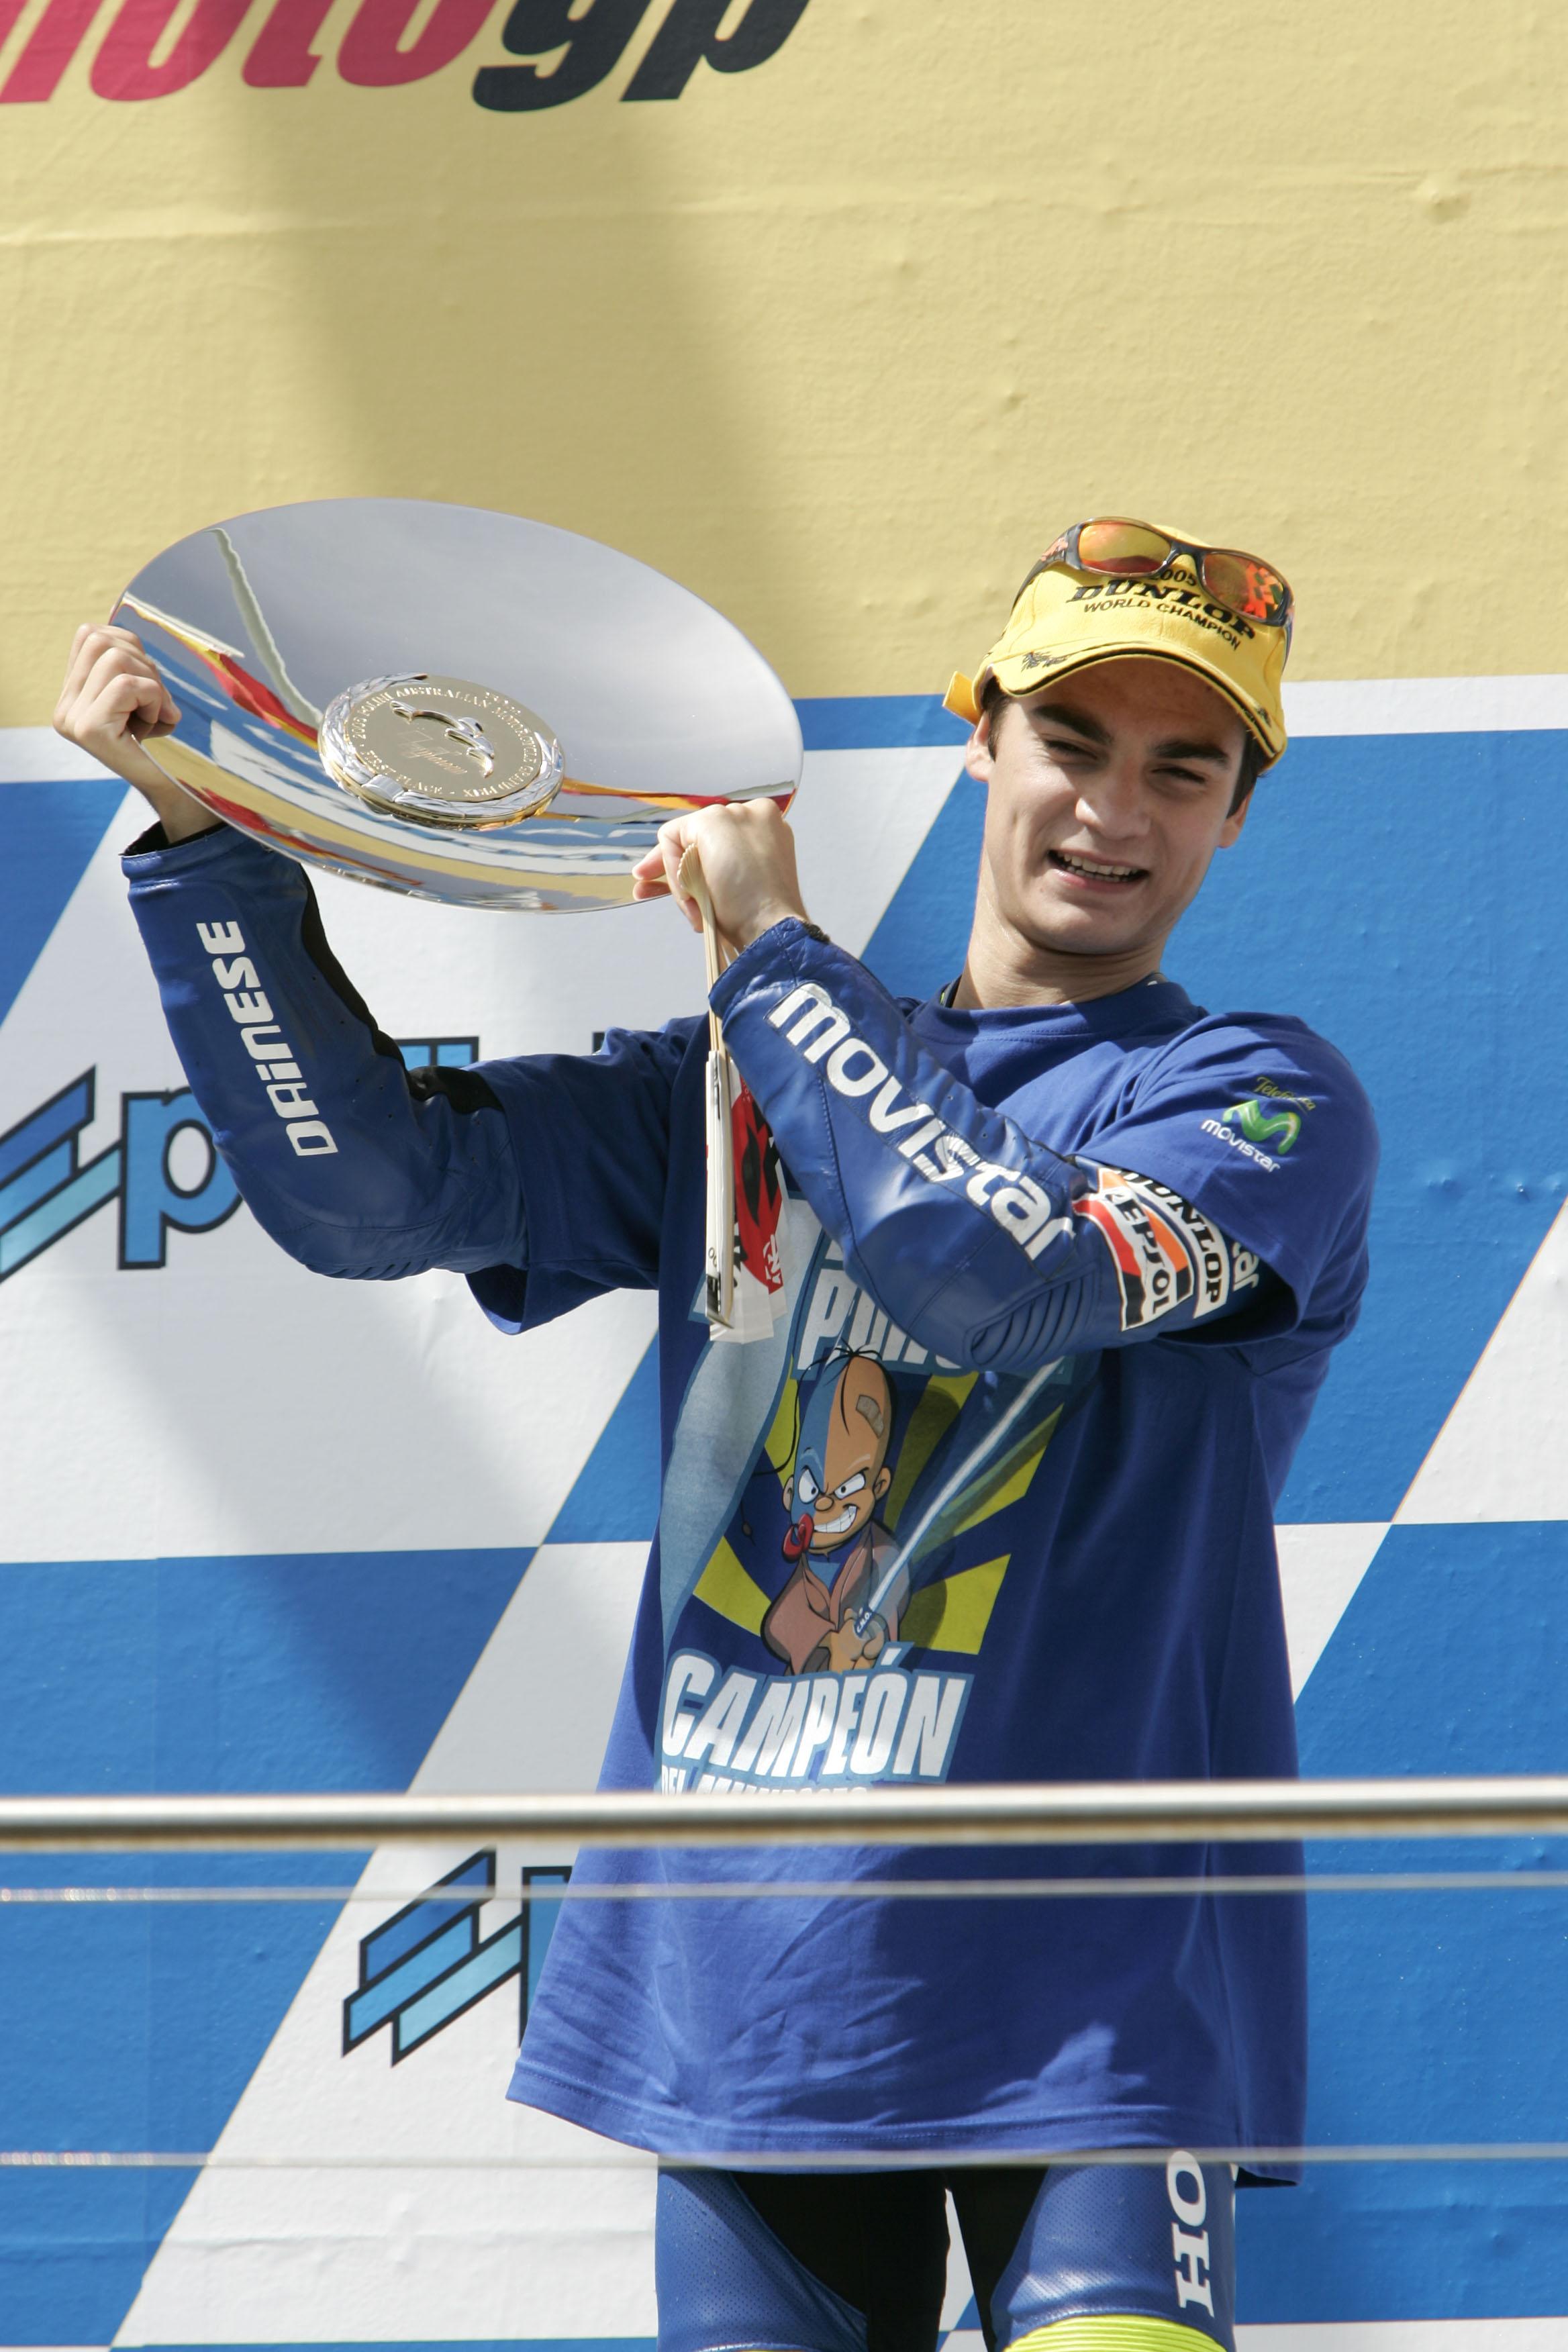 Dani Pedrosa campeón del mundo de 250cc motogp gp año 2005